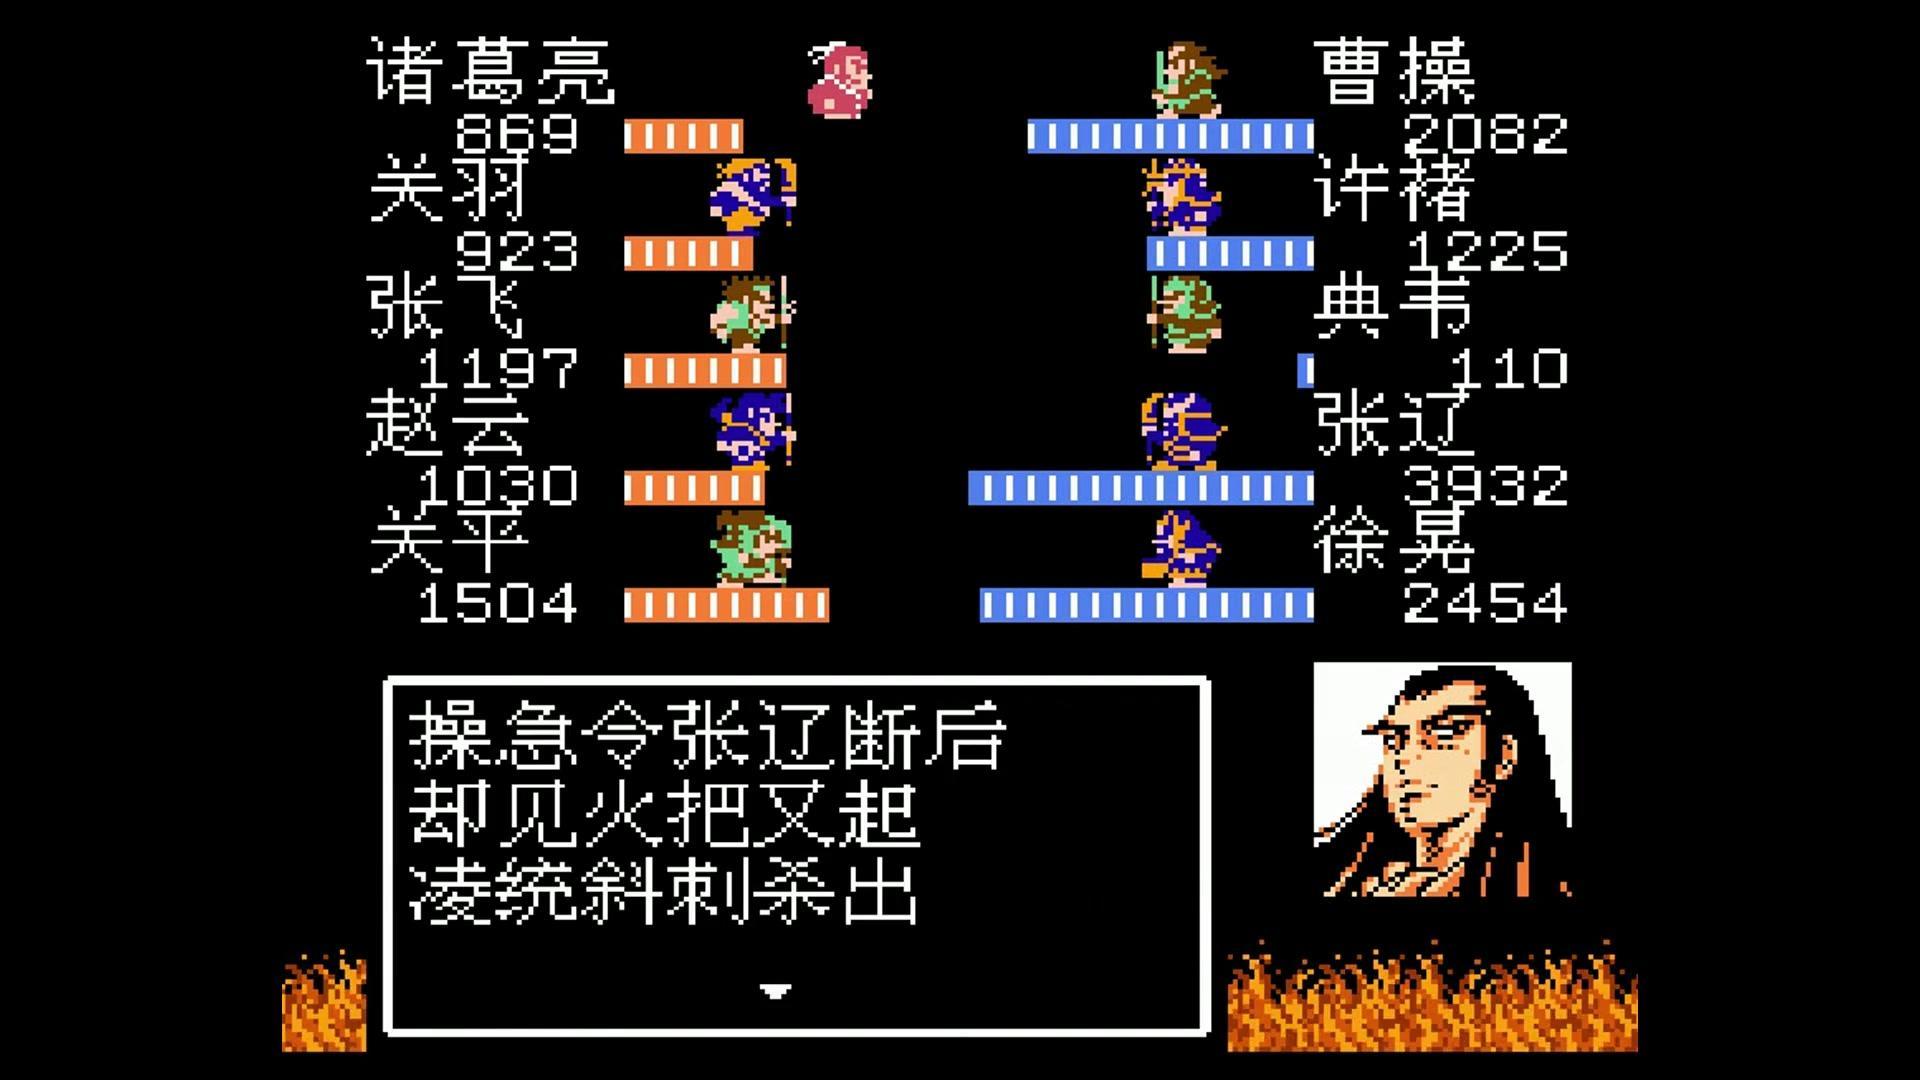 水墨风日式RPG 足以媲美吞食天地的改编作